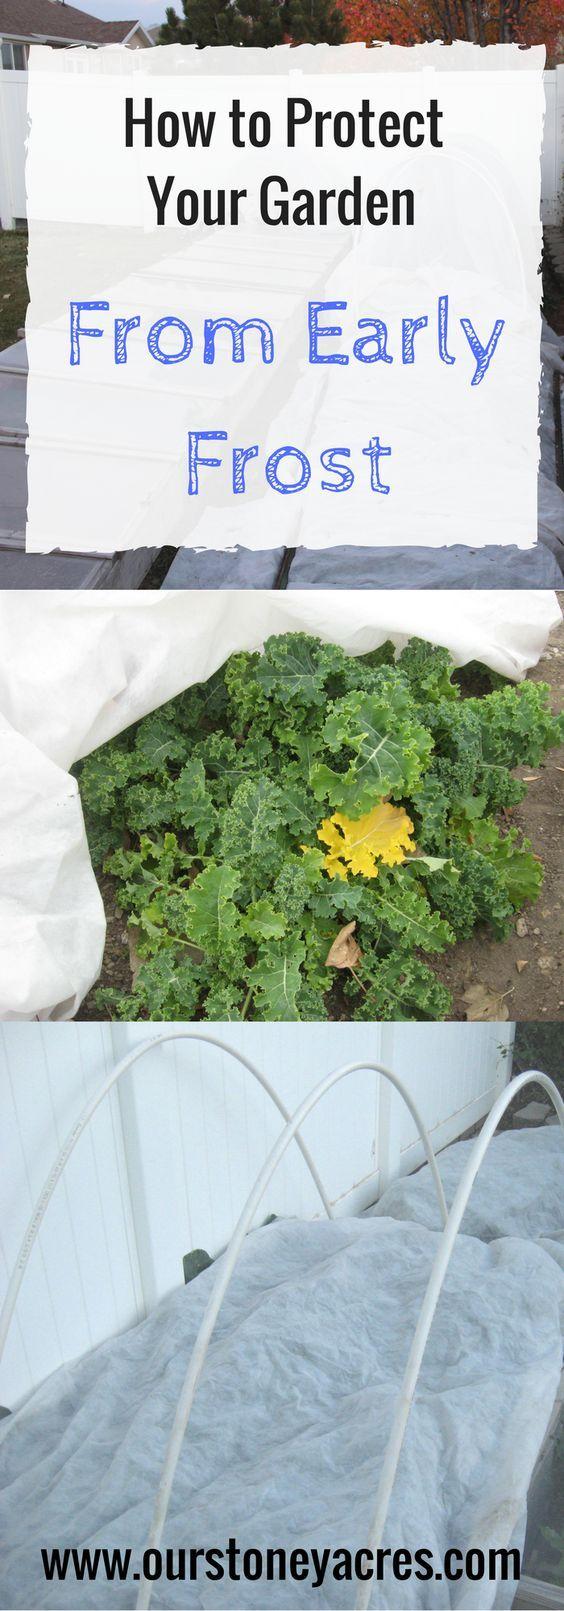 779 best gardening images on pinterest vegetable garden